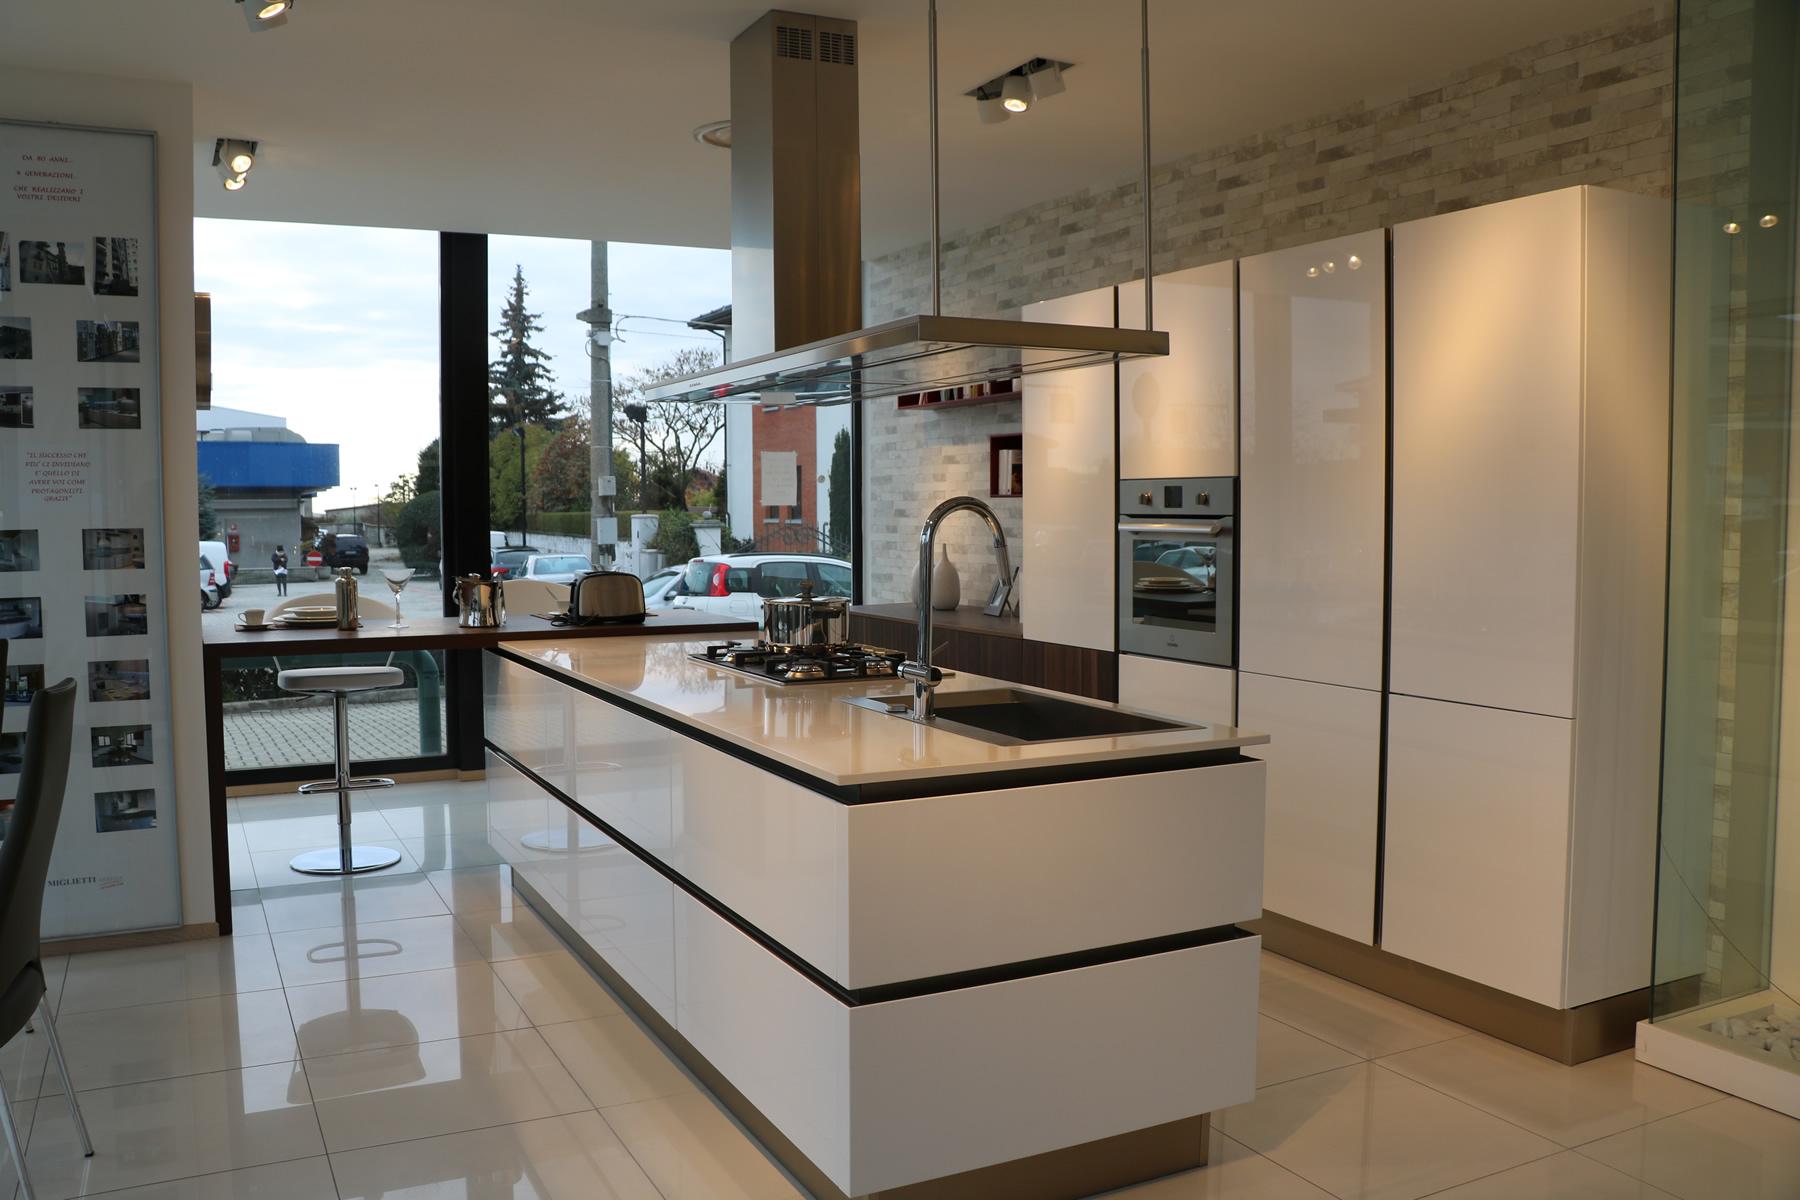 Veneta Cucine Biella.2016 11 29 Img 0270 Arredamenti E Centro Veneta Cucine A